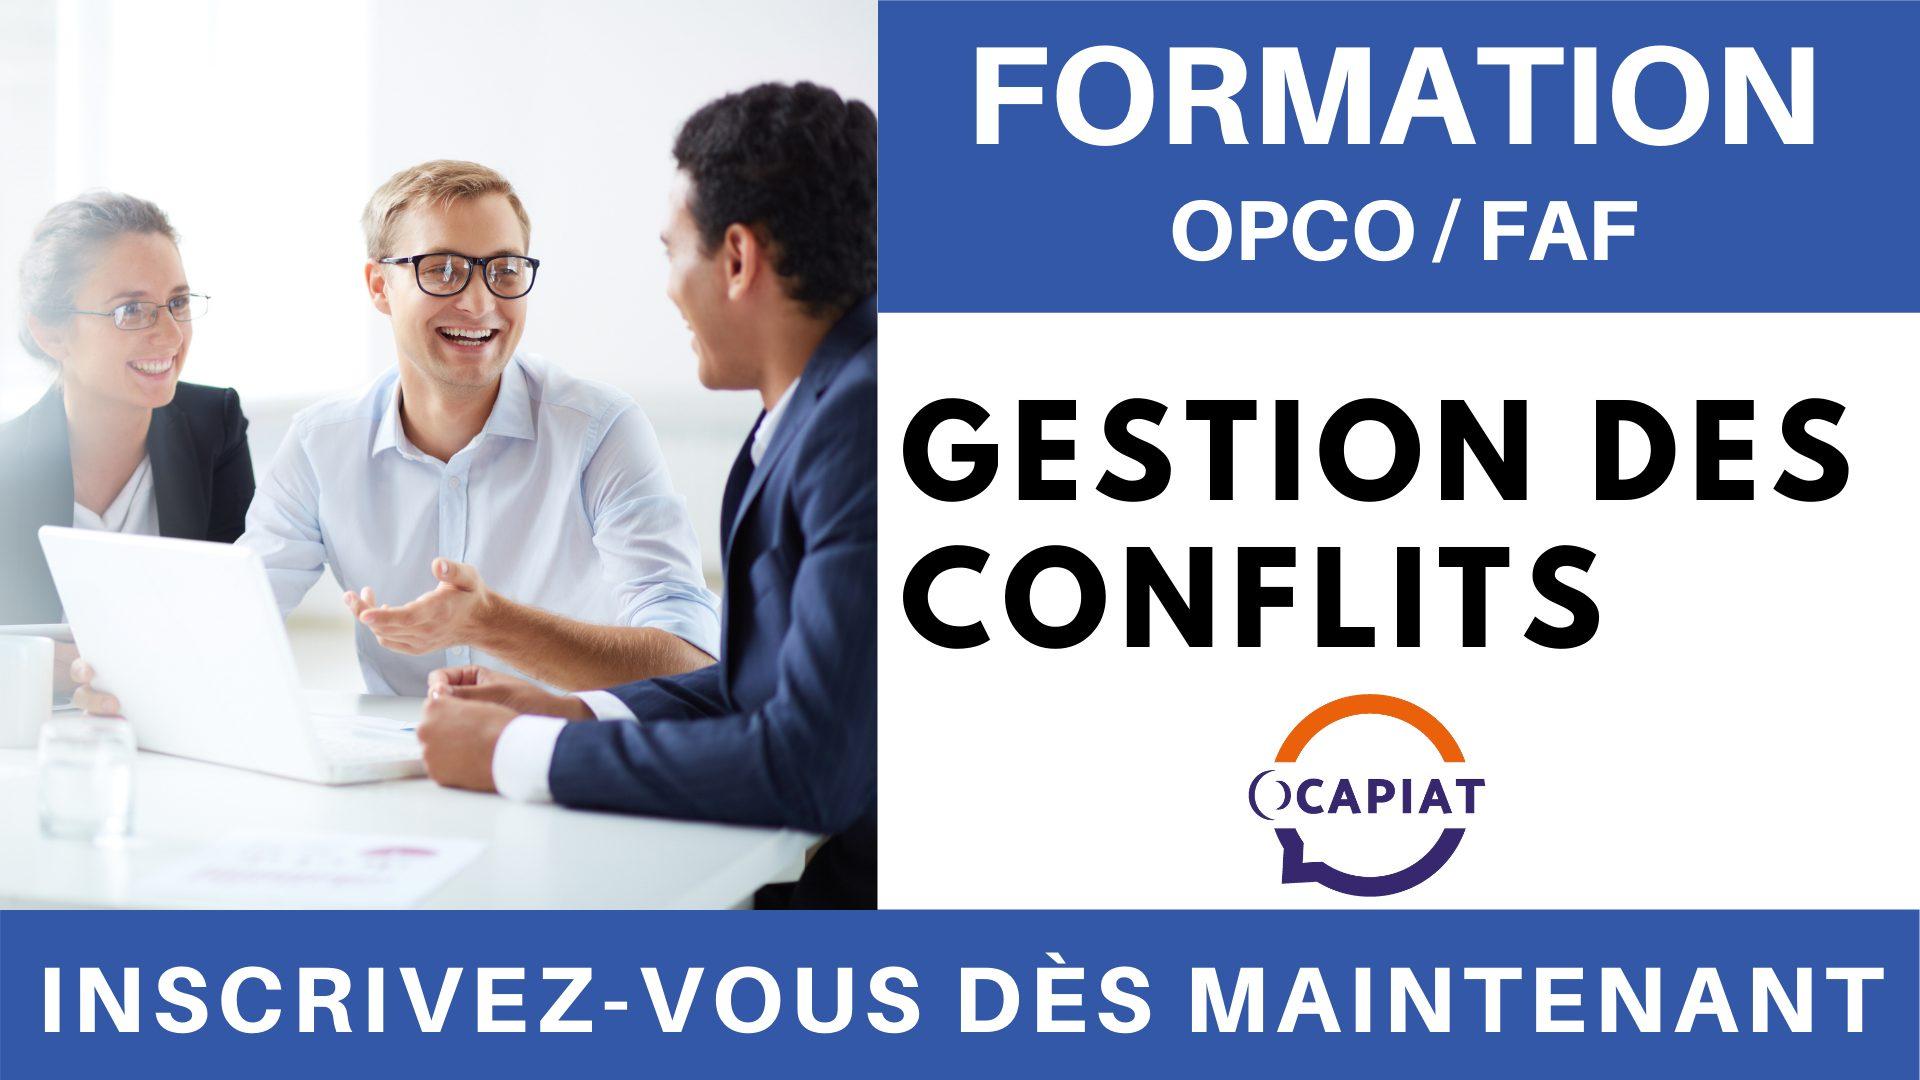 Formation OPCO FAF - Gestion des conflits